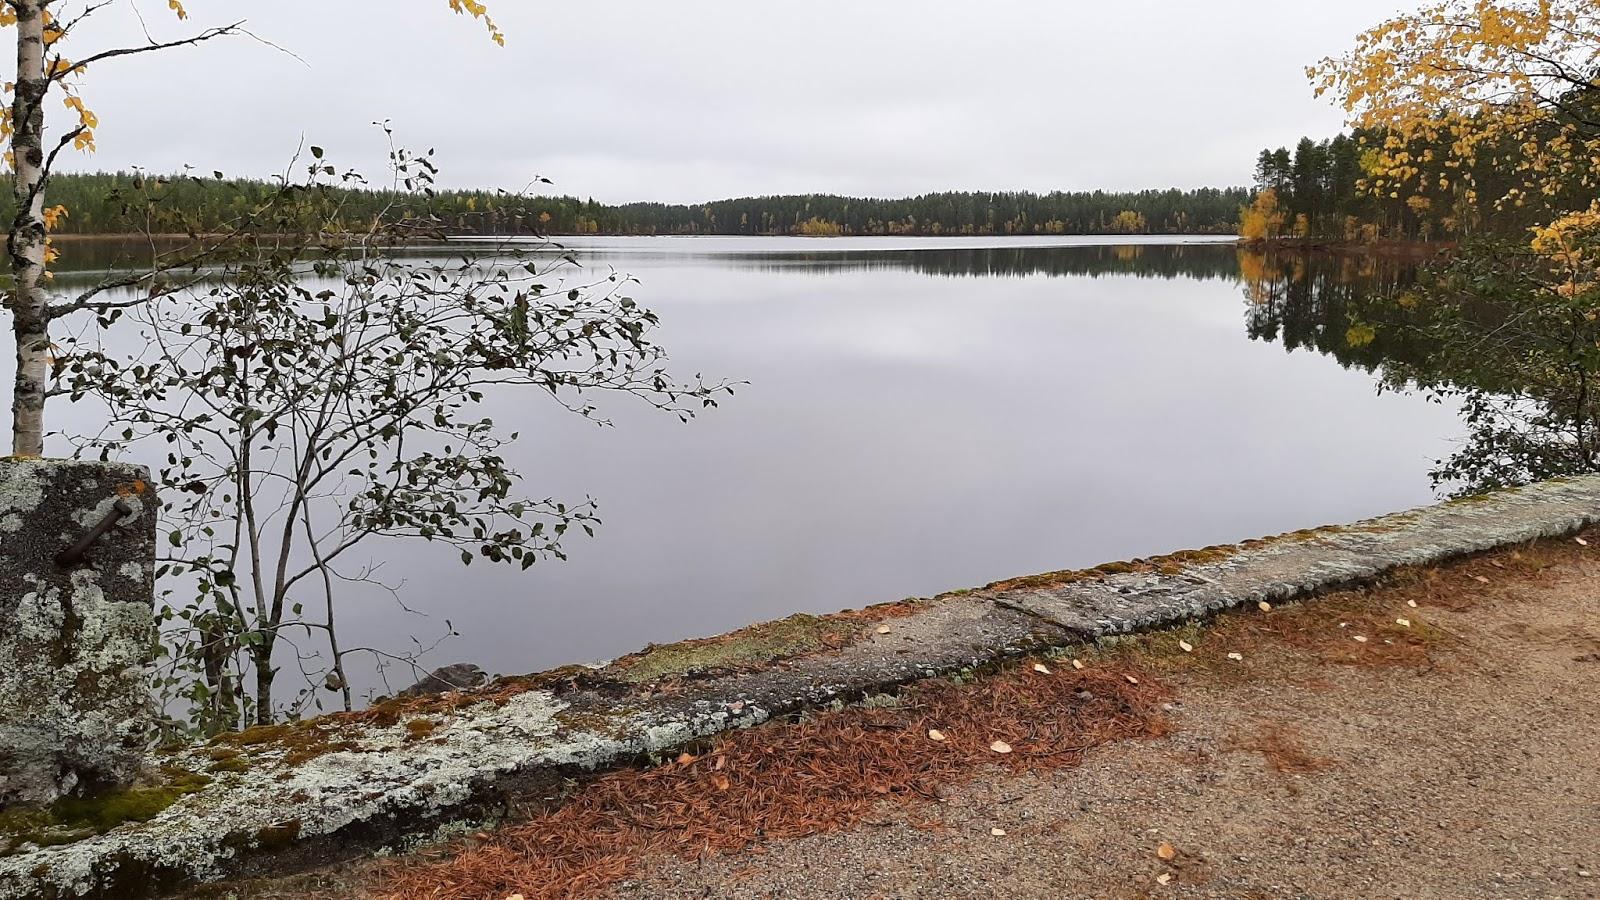 September 2019. Tolvajärvi